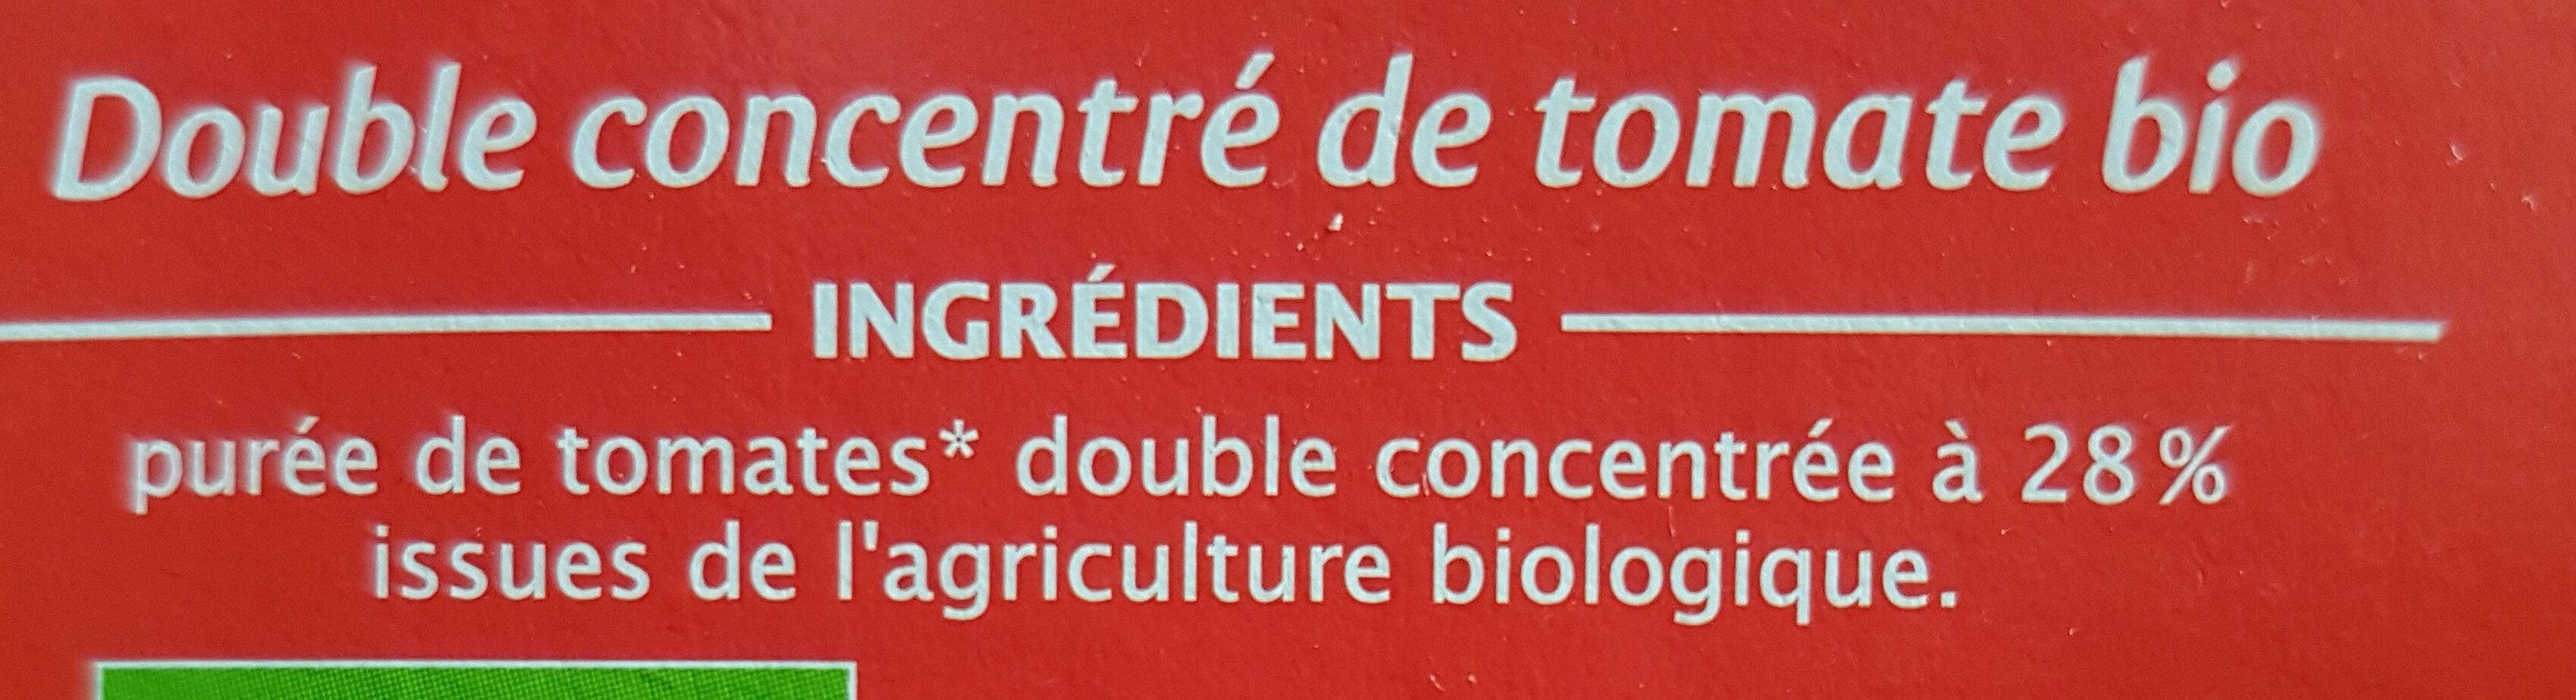 Double concentré de tomate Bio (28%) (Voir 2000000002768) - Ingrédients - fr